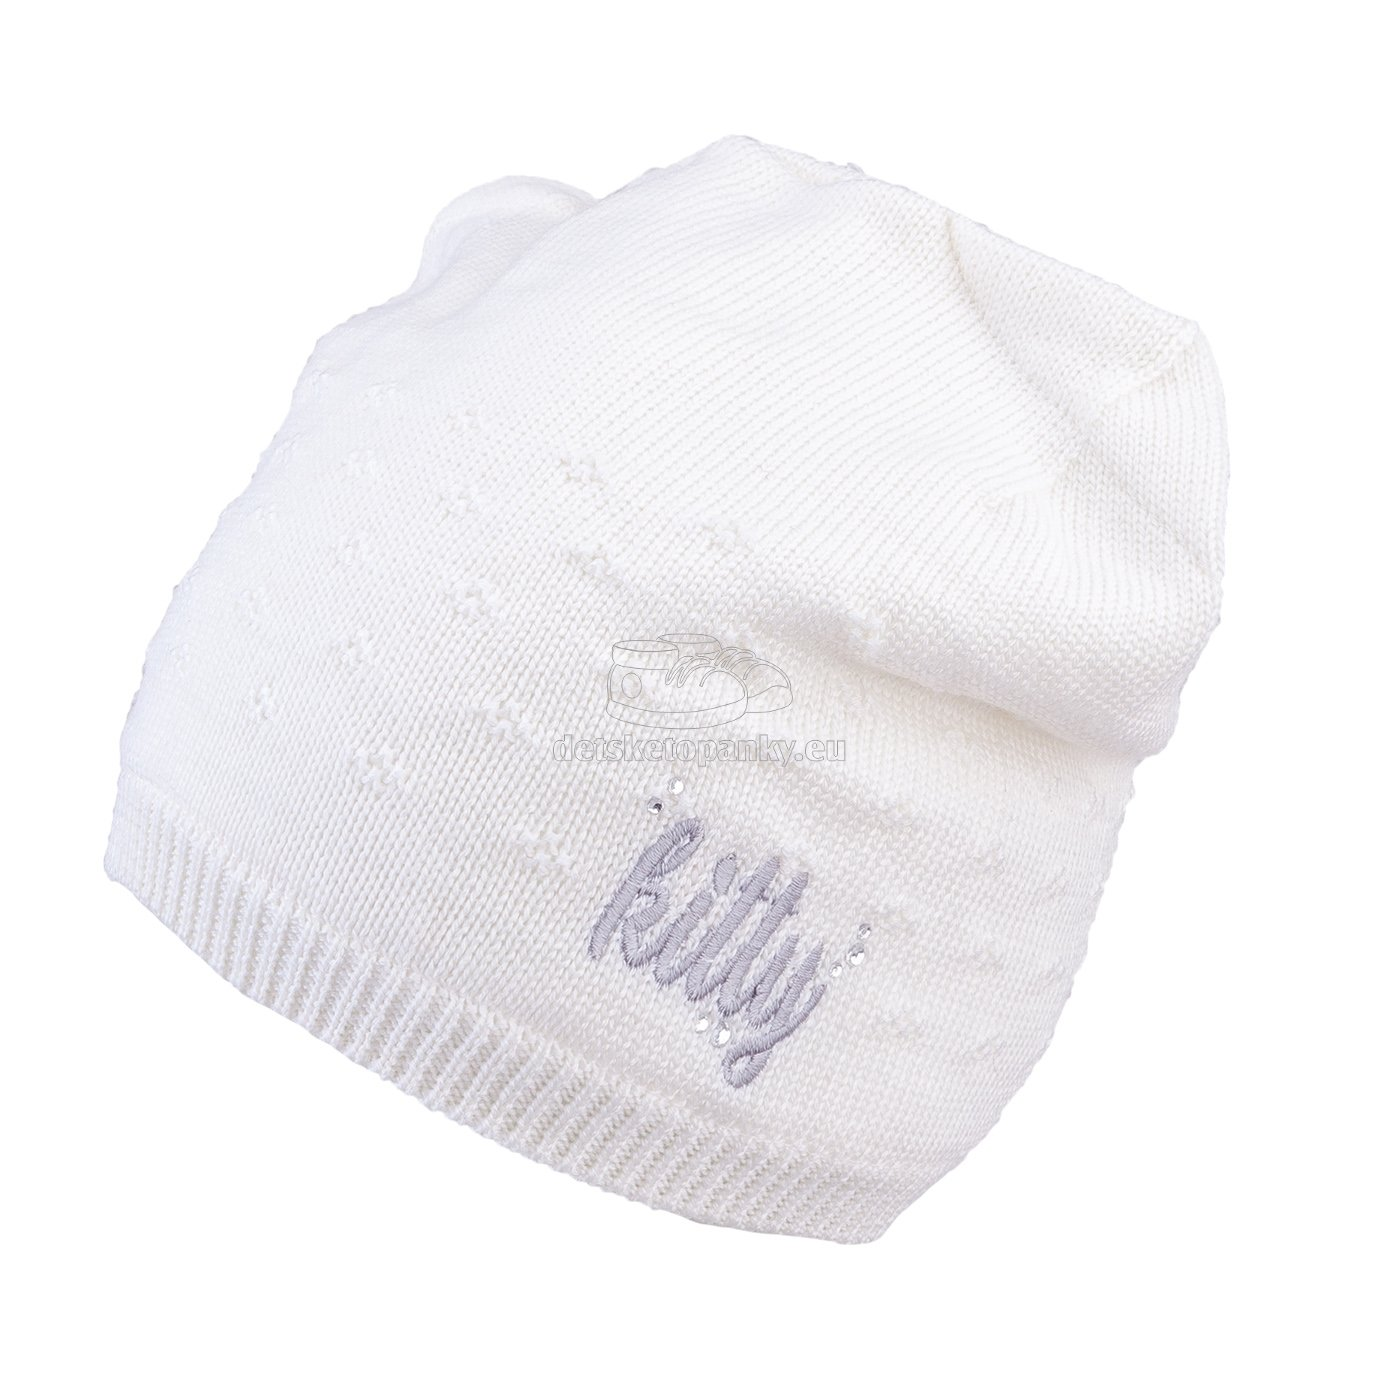 Detská zimná čapica TUTU 3-005142 white